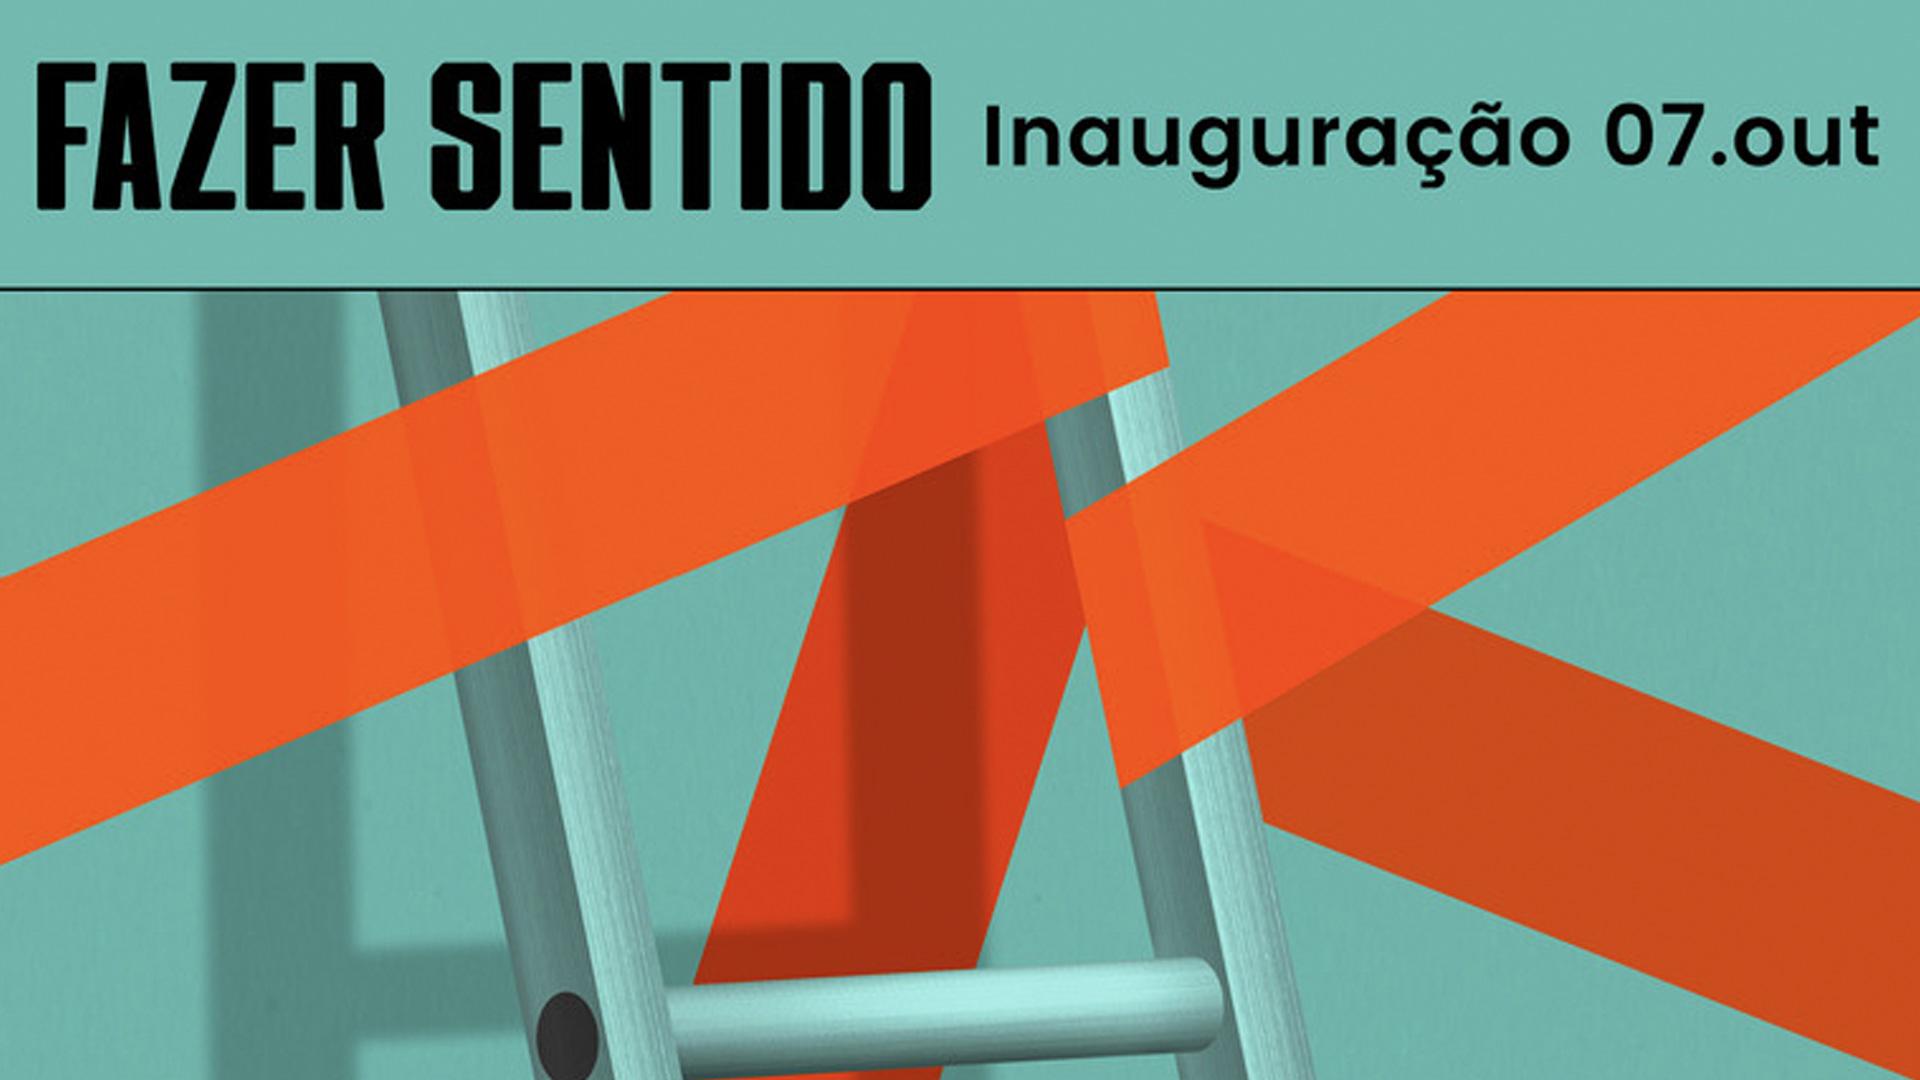 Amanhã inaugura em Ílhavo uma exposição imperdível!